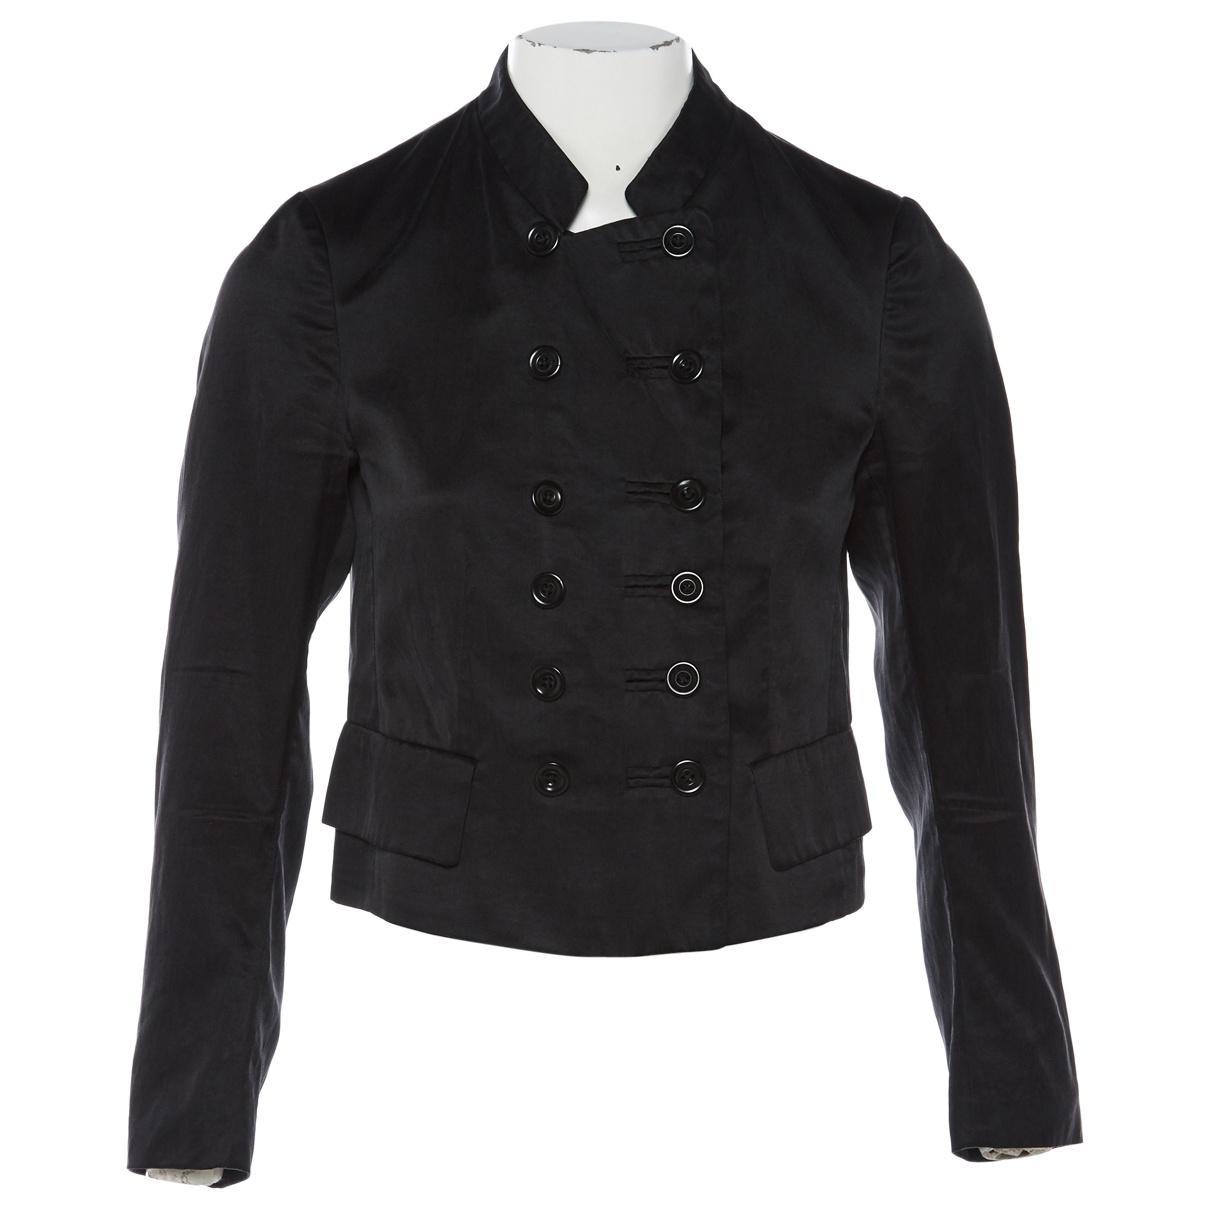 2806a61dd2 Lyst - Dries Van Noten Black Cotton Jacket in Black